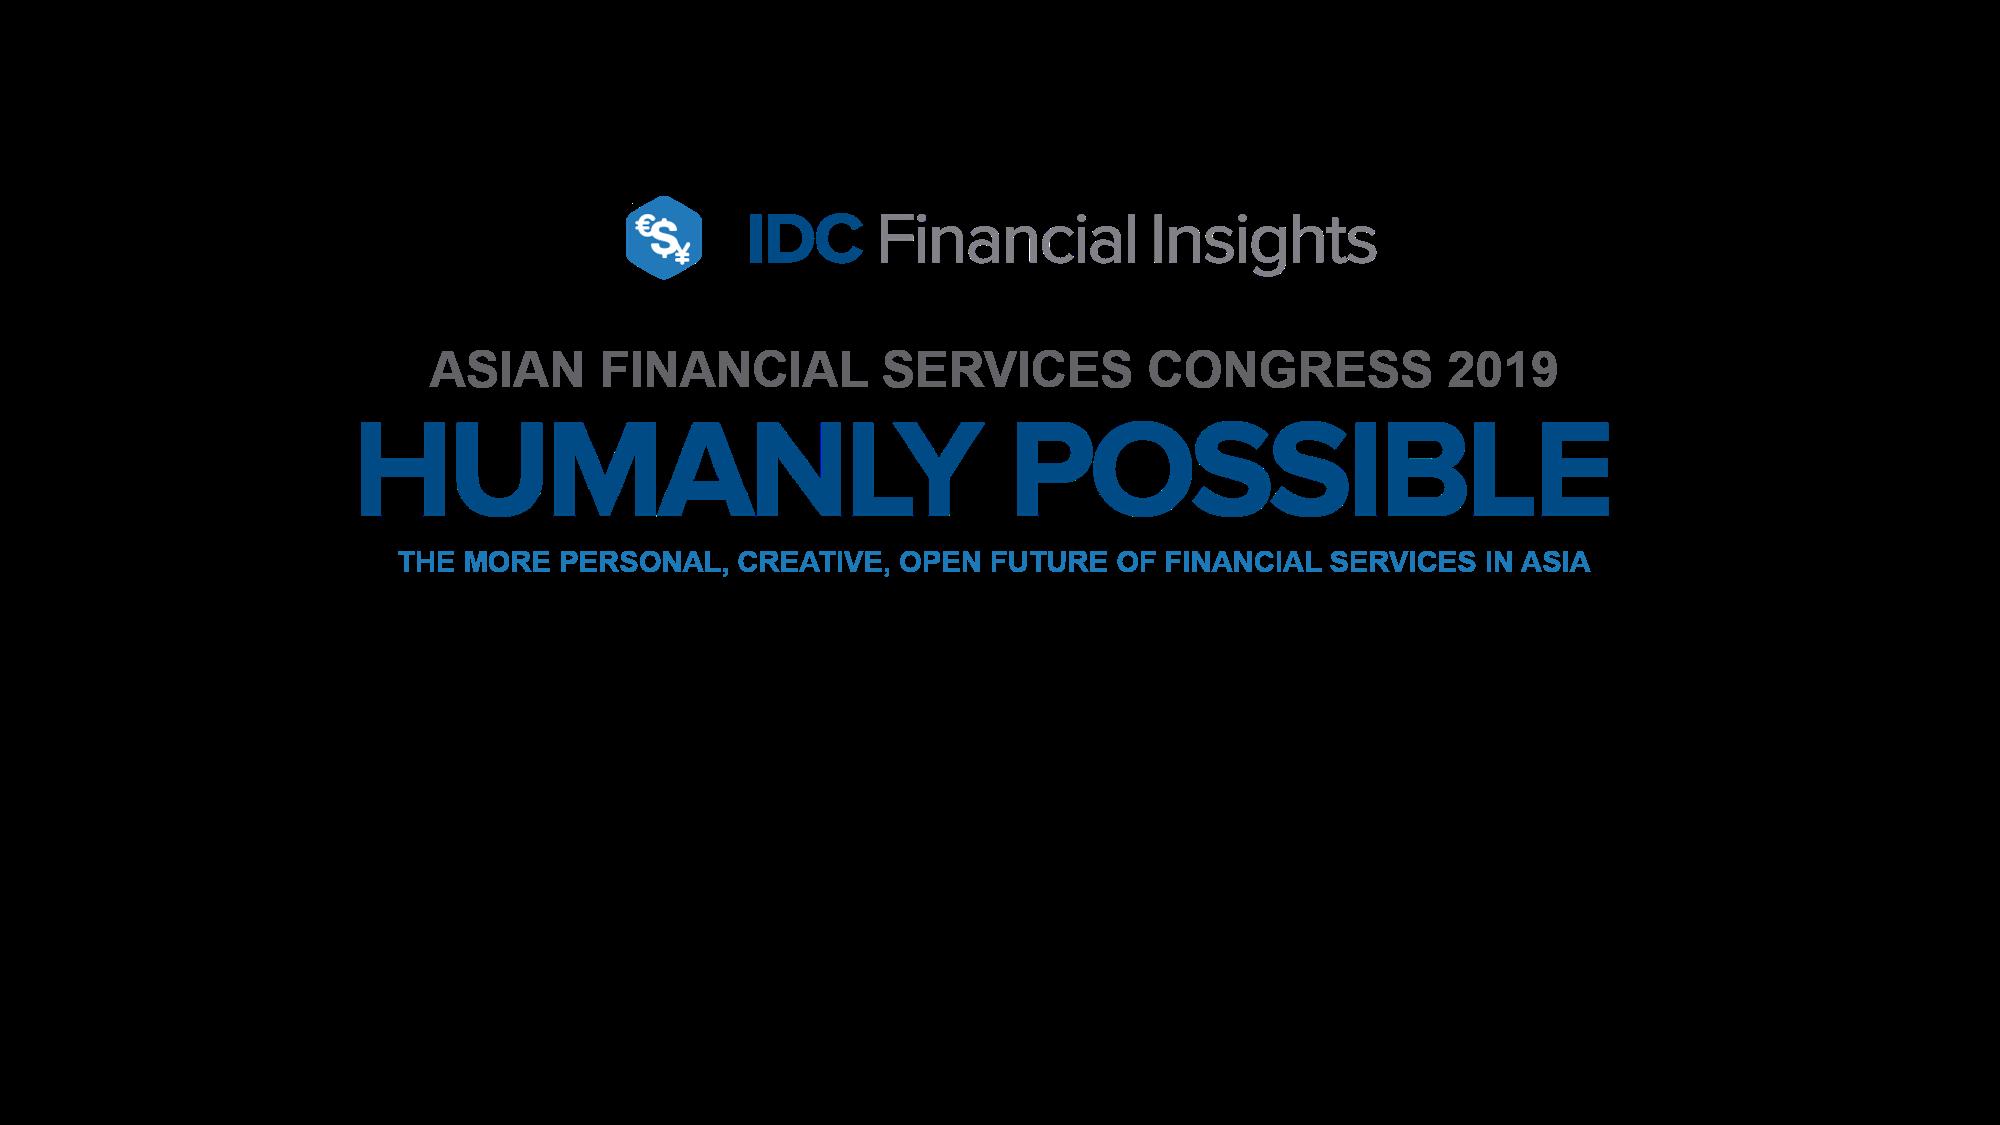 ASIAN FINANCIAL SERVICES CONGRESS 2019